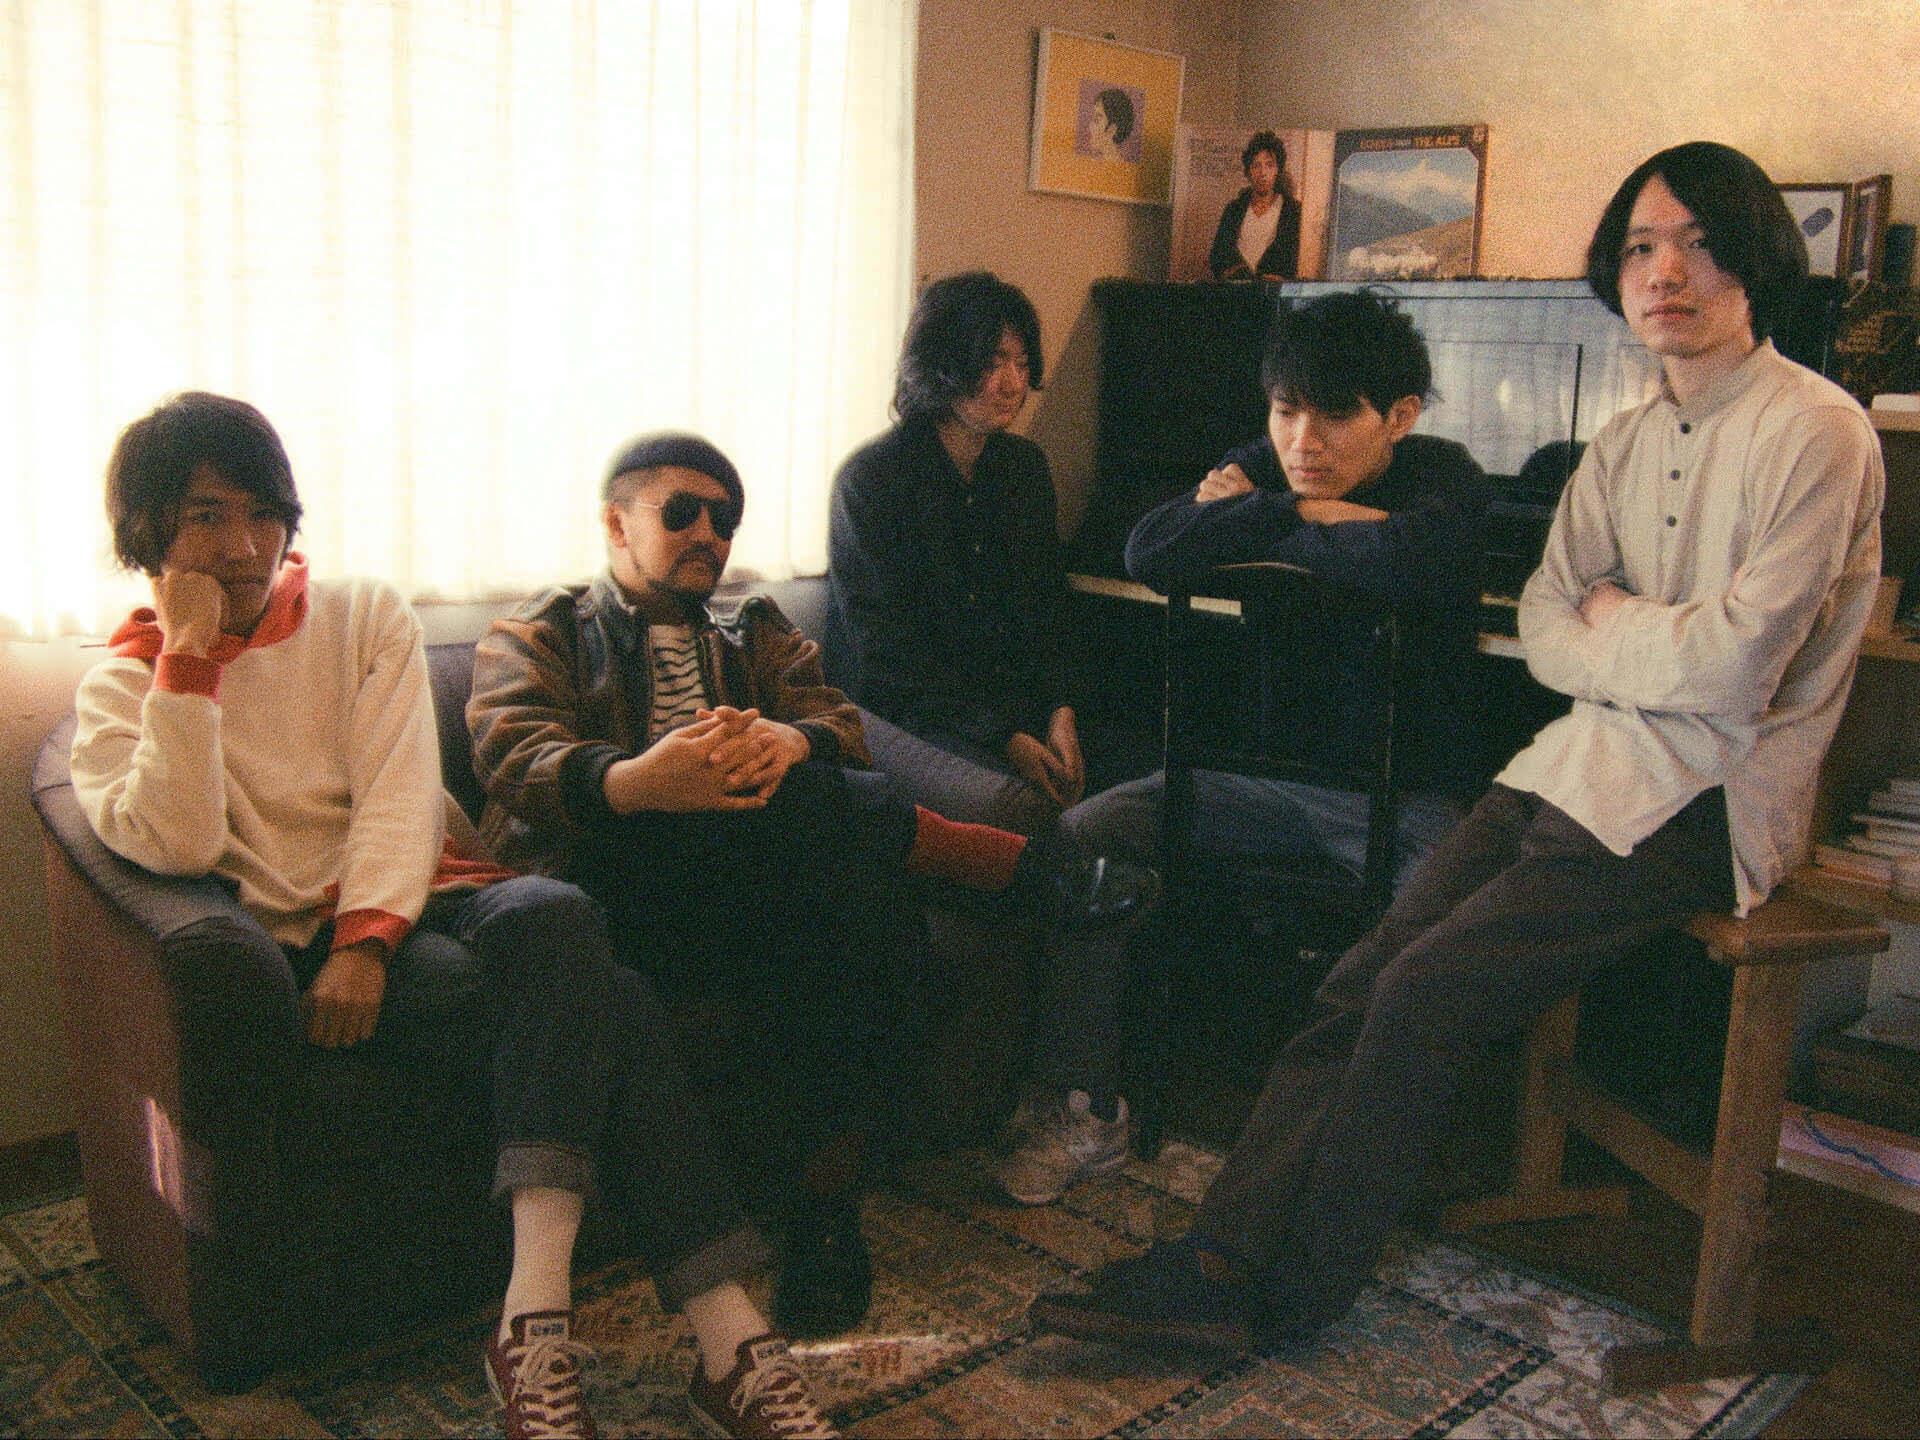 奇才・内村イタル率いるゆうらん船の1stアルバム『MY GENERATION』がリリース決定!「グッドミュージック」を再定義する新世代のフォーク&カントリー music200427_yuransen_3-1920x1440